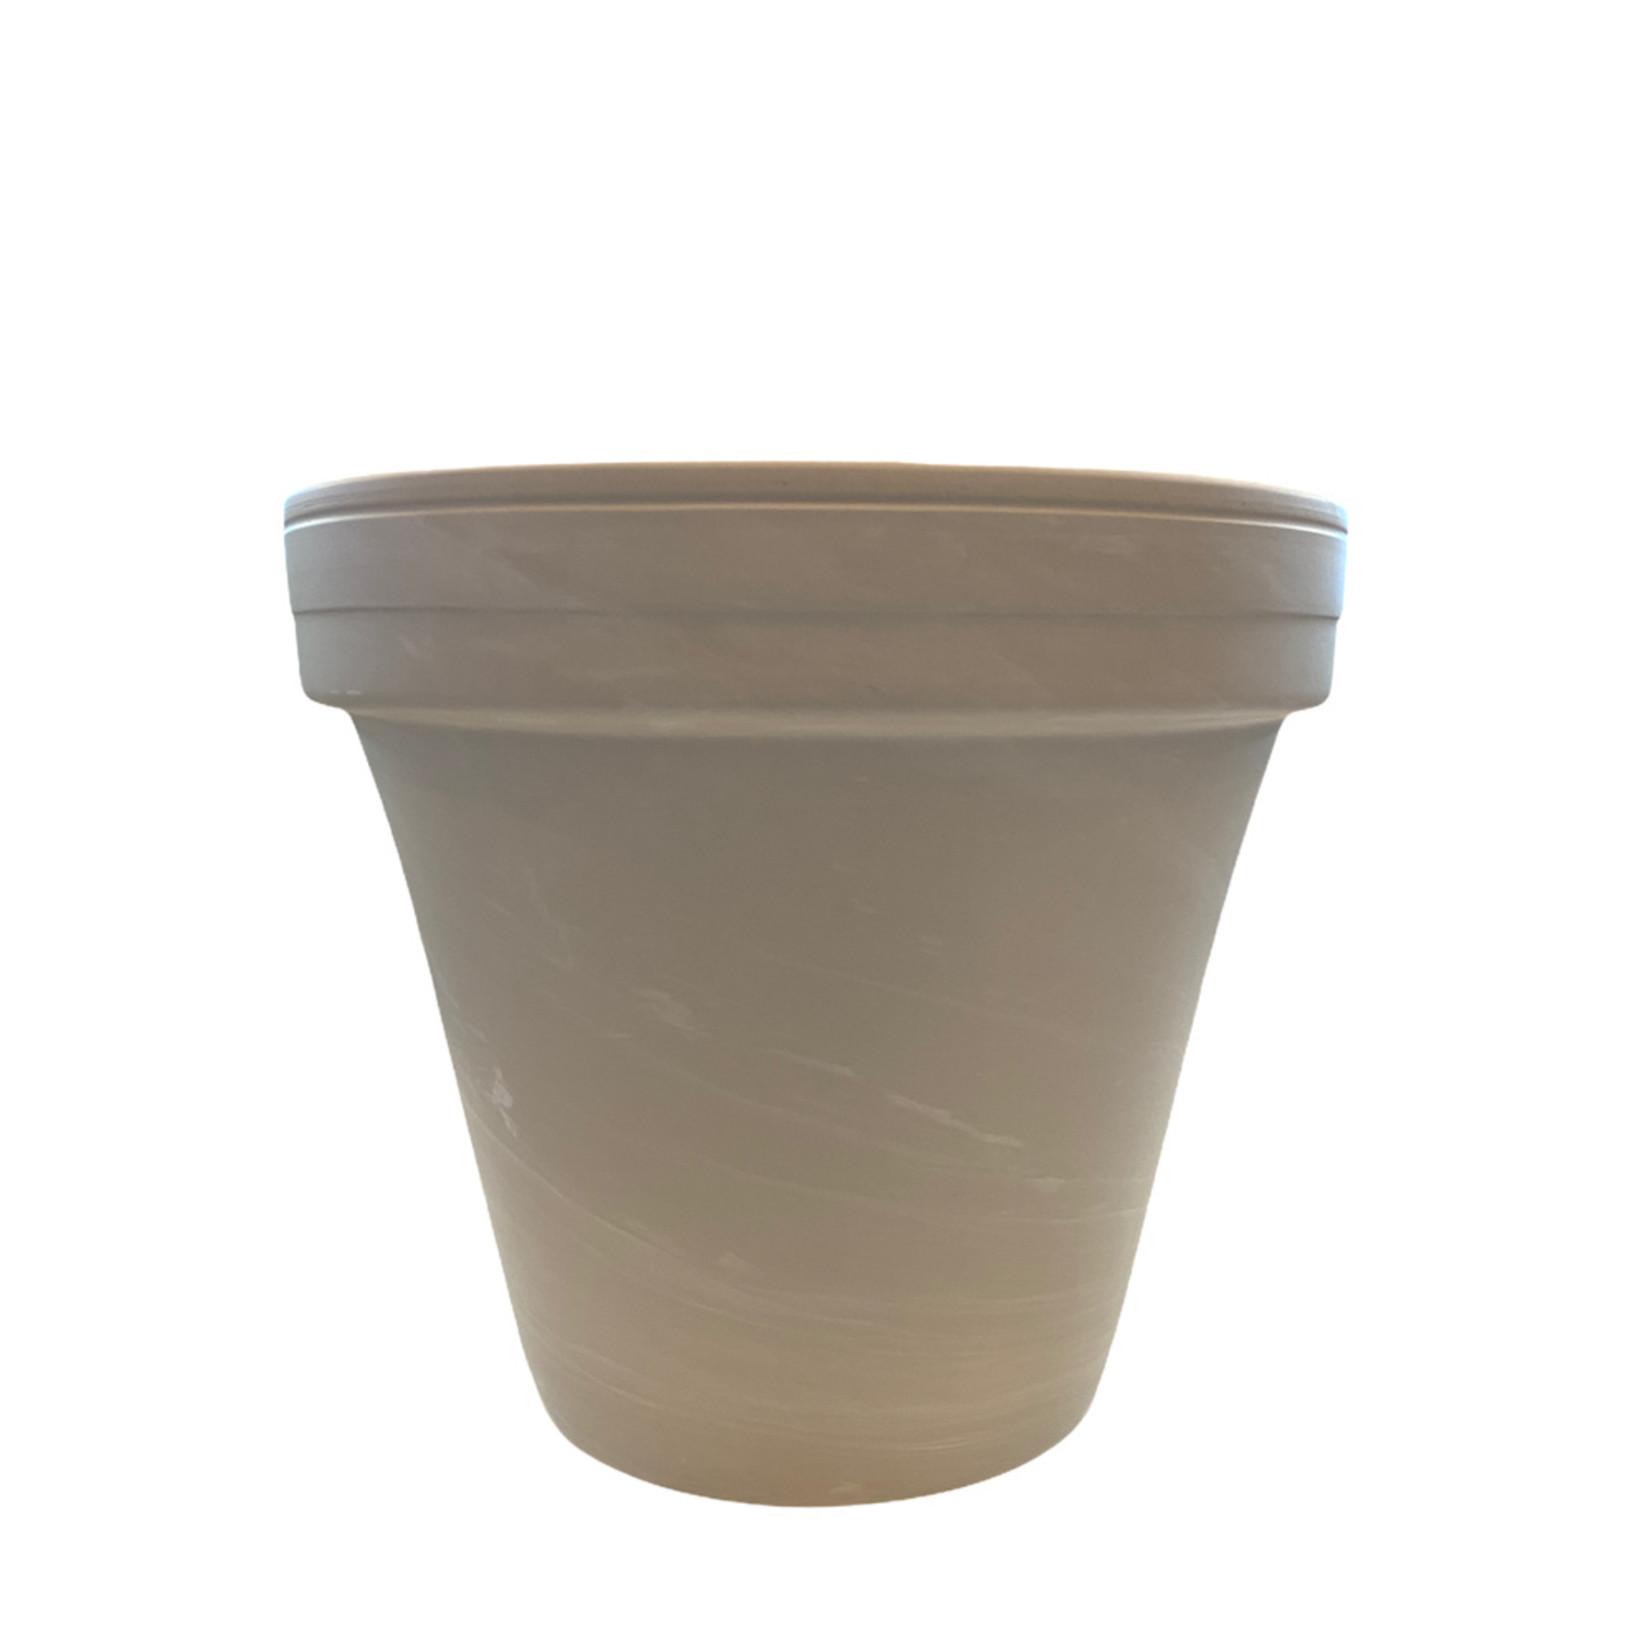 Spang Standard Pot Allemagne Granit 16cm